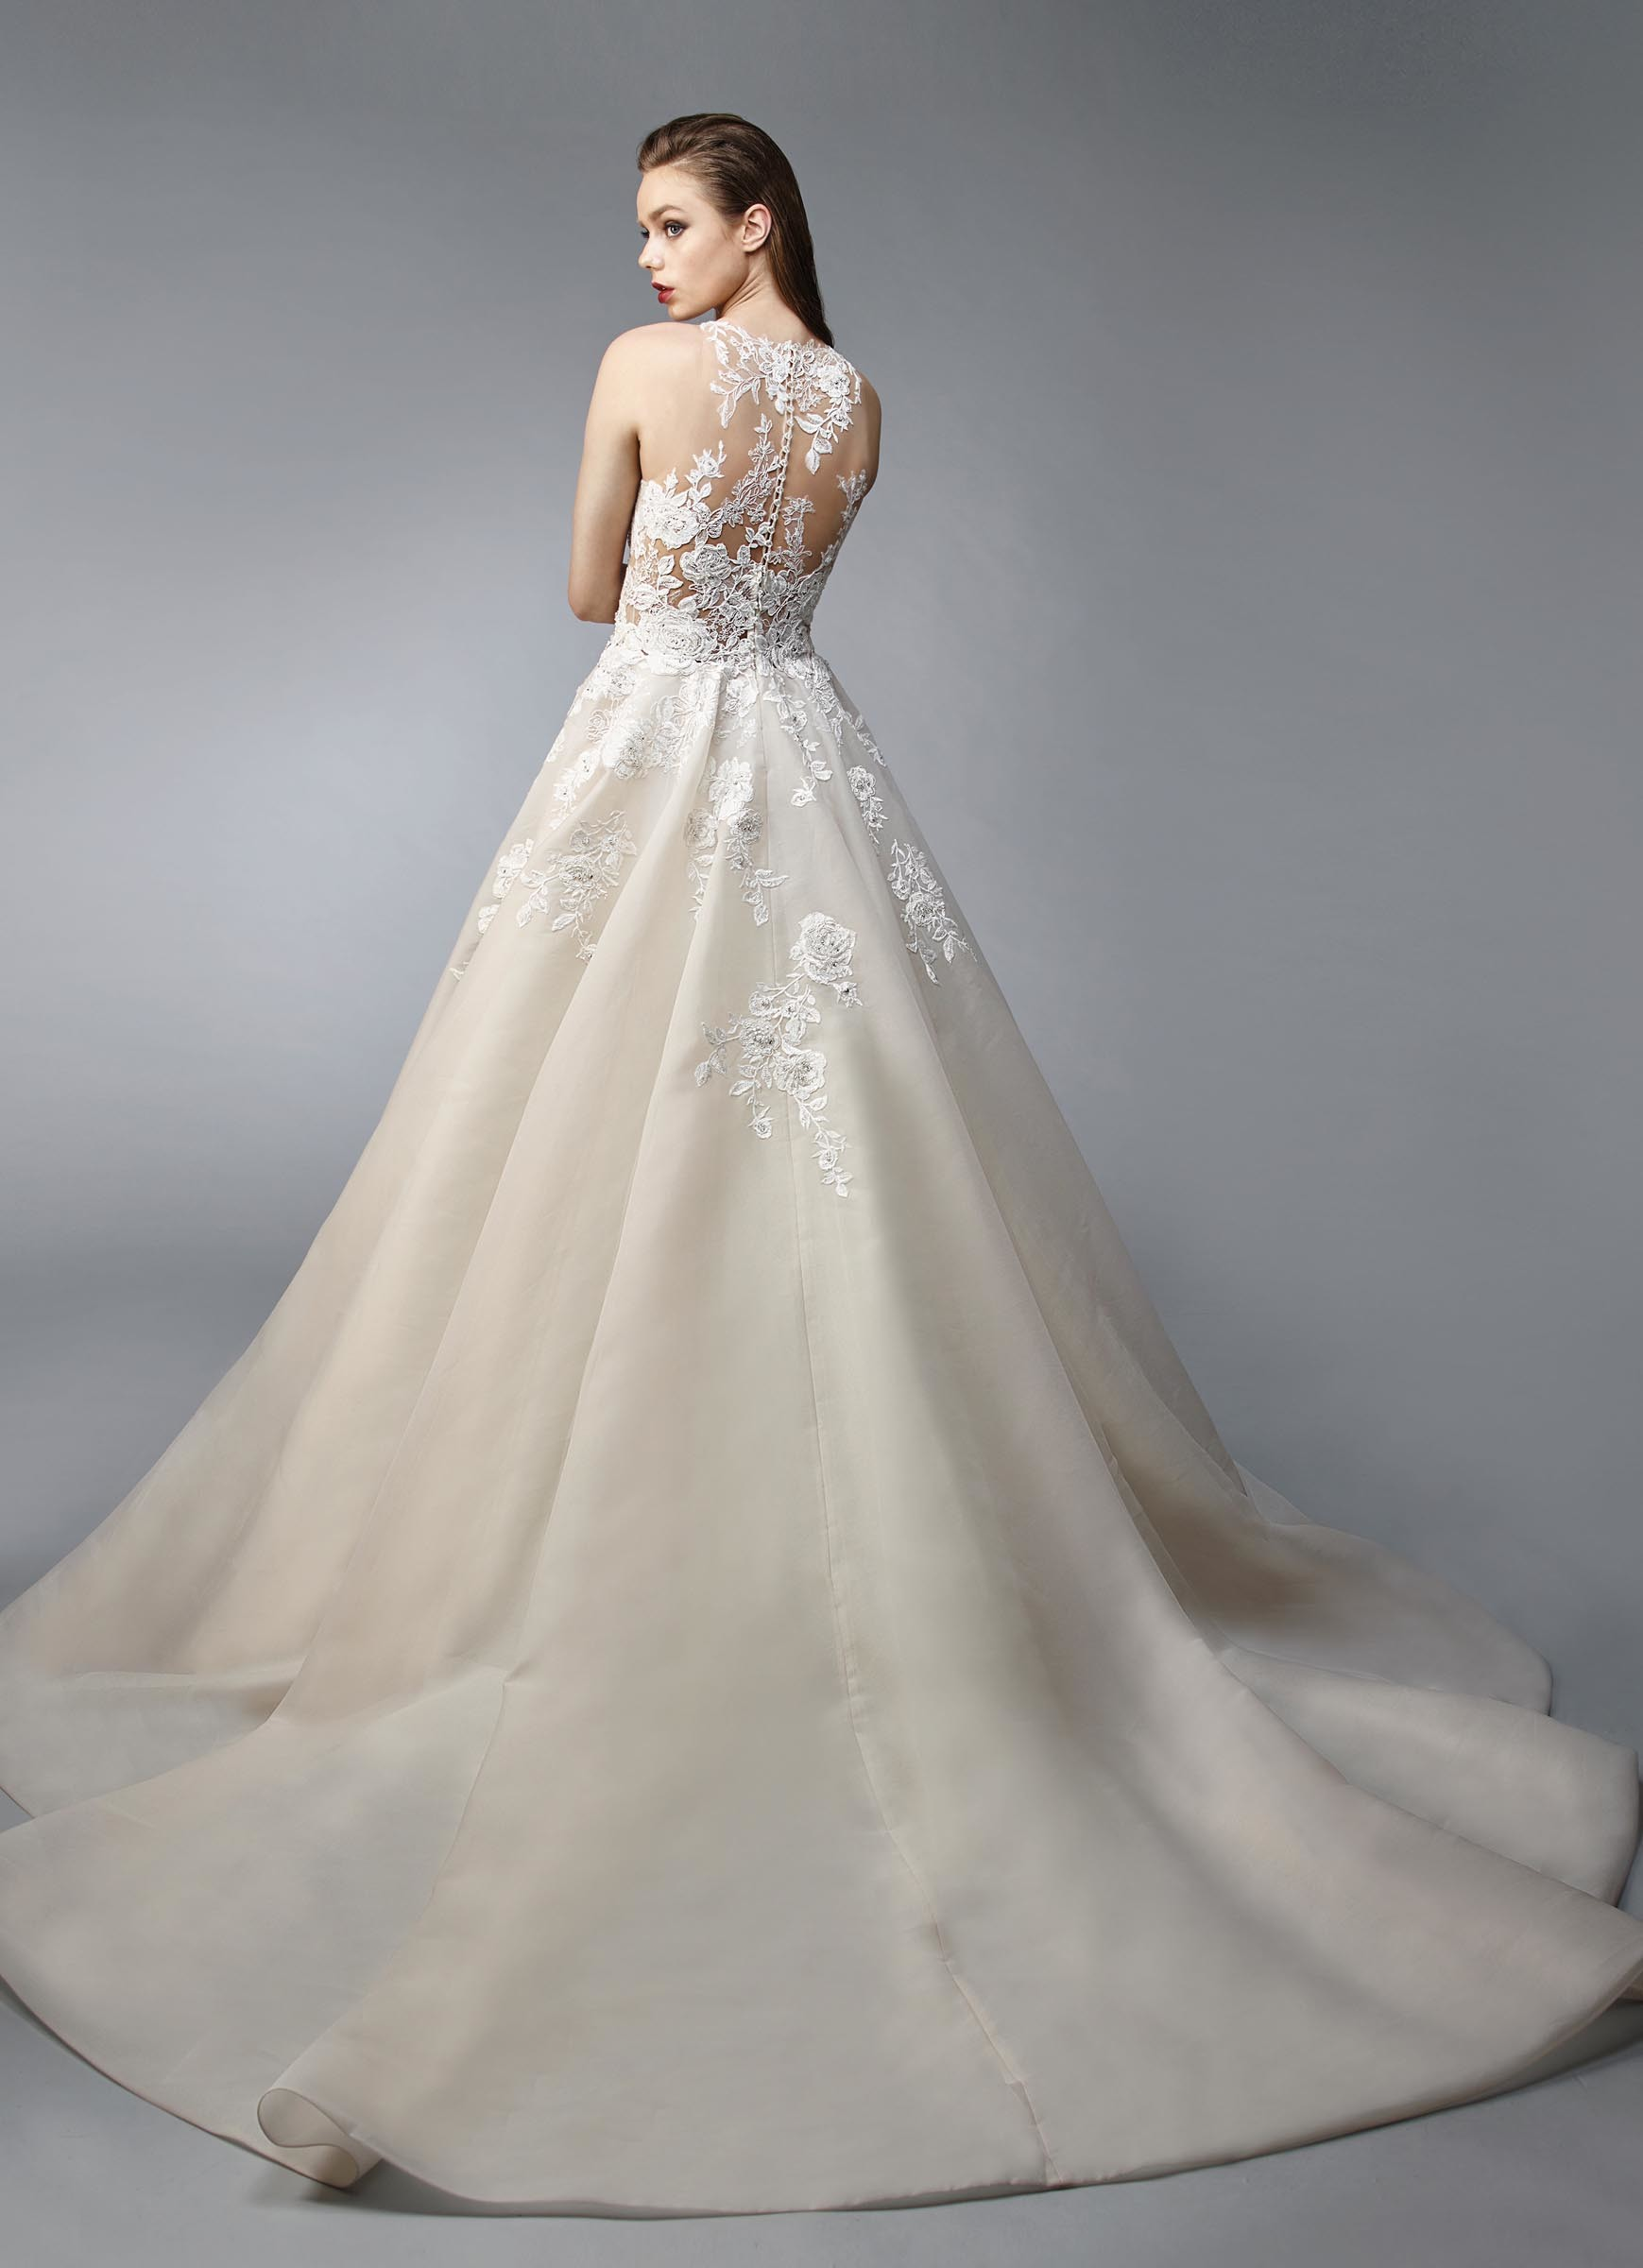 Hochzeits: Hochzeitskleider Mit Viel Glitzer